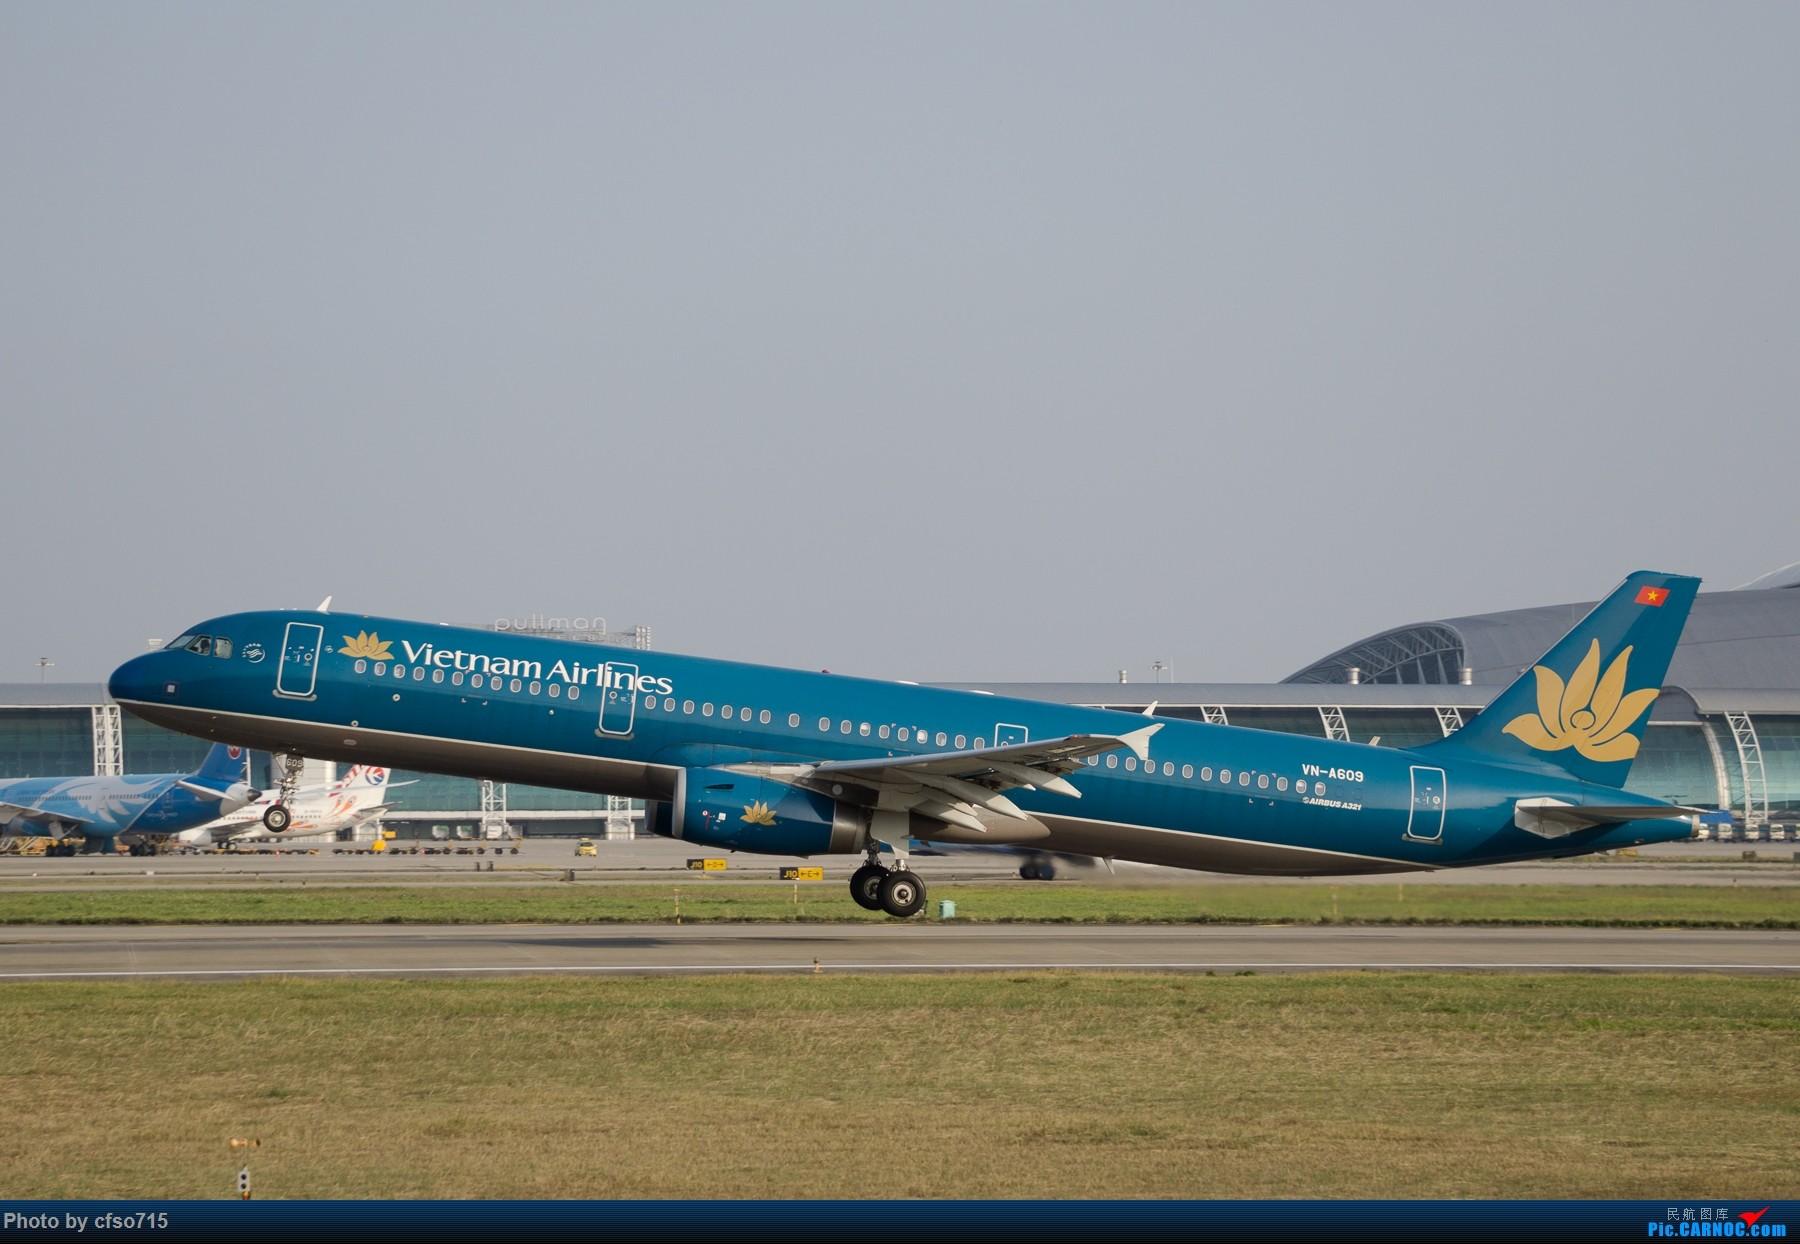 Re:[原创]一些15年的图 AIRBUS A321 VN-A609 中国广州白云国际机场